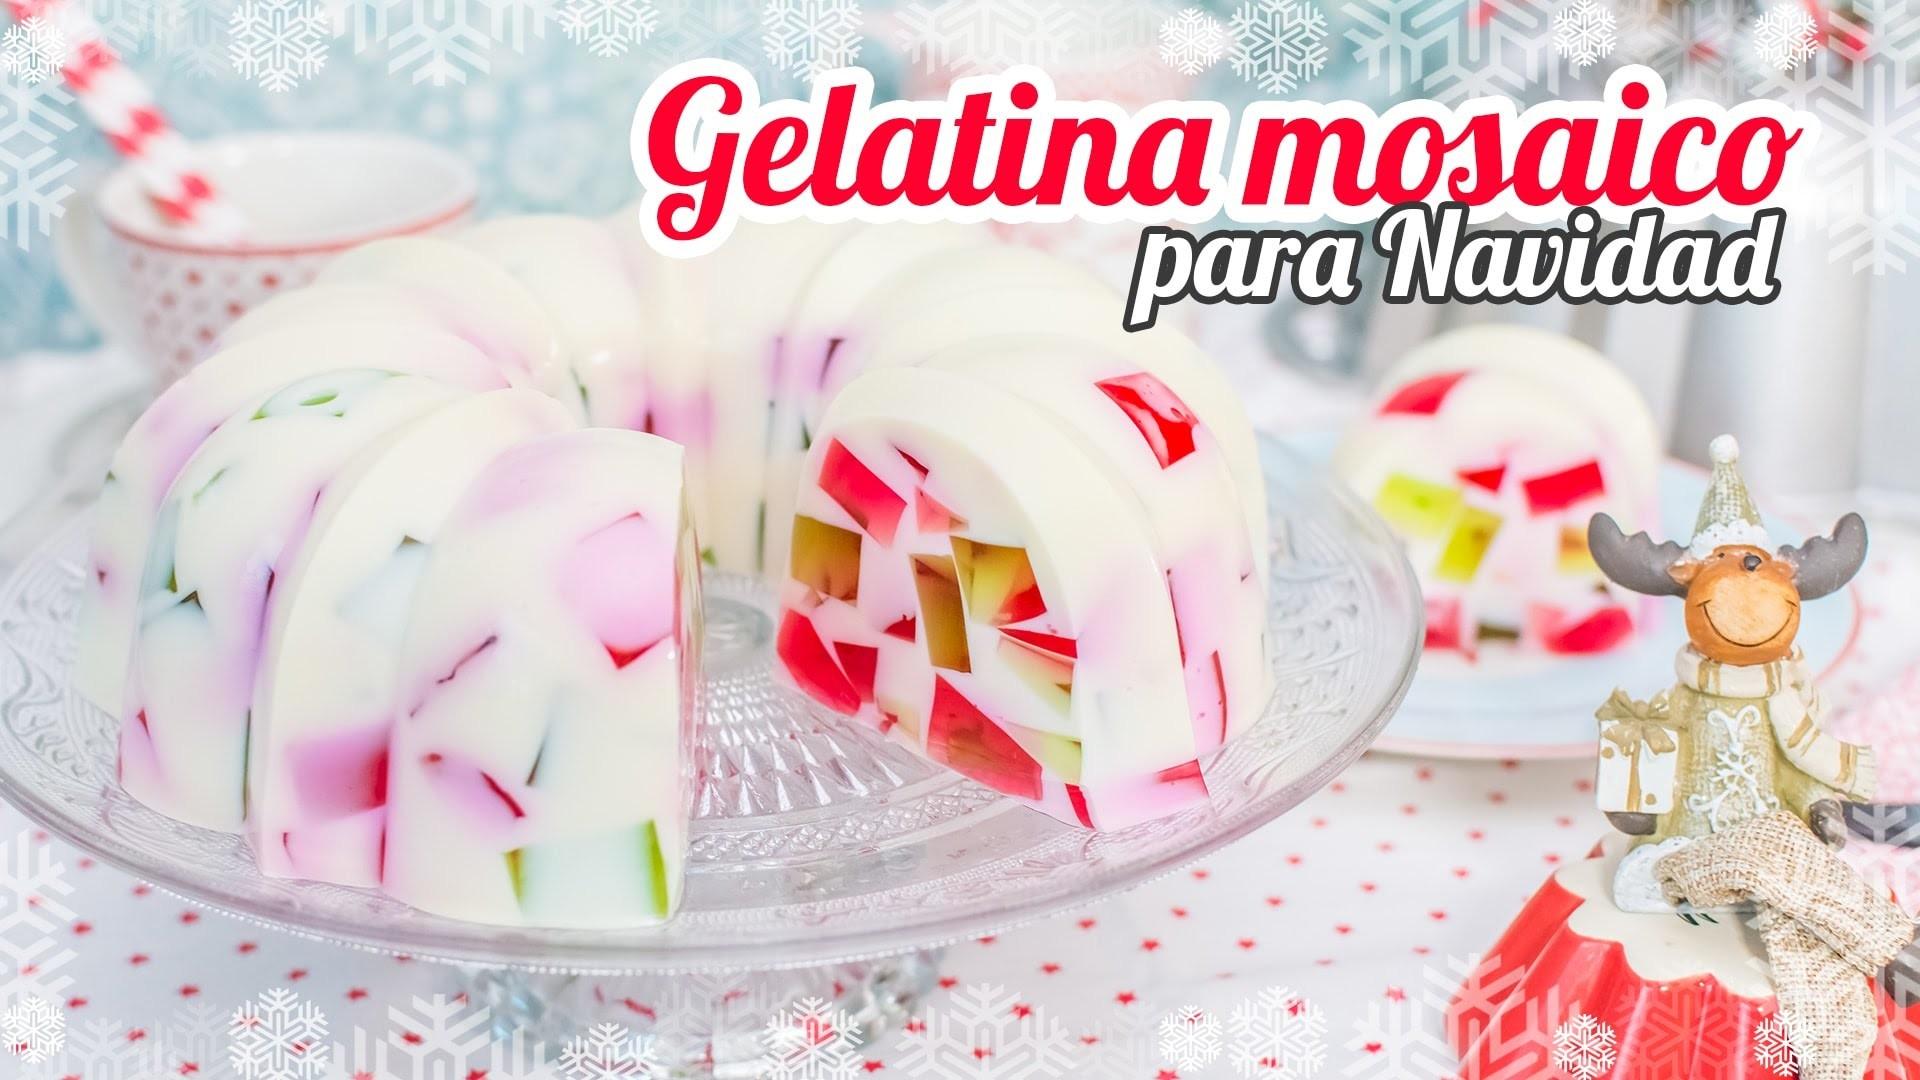 Gelatina mosaico - Especial Navidad | Quiero Cupcakes!